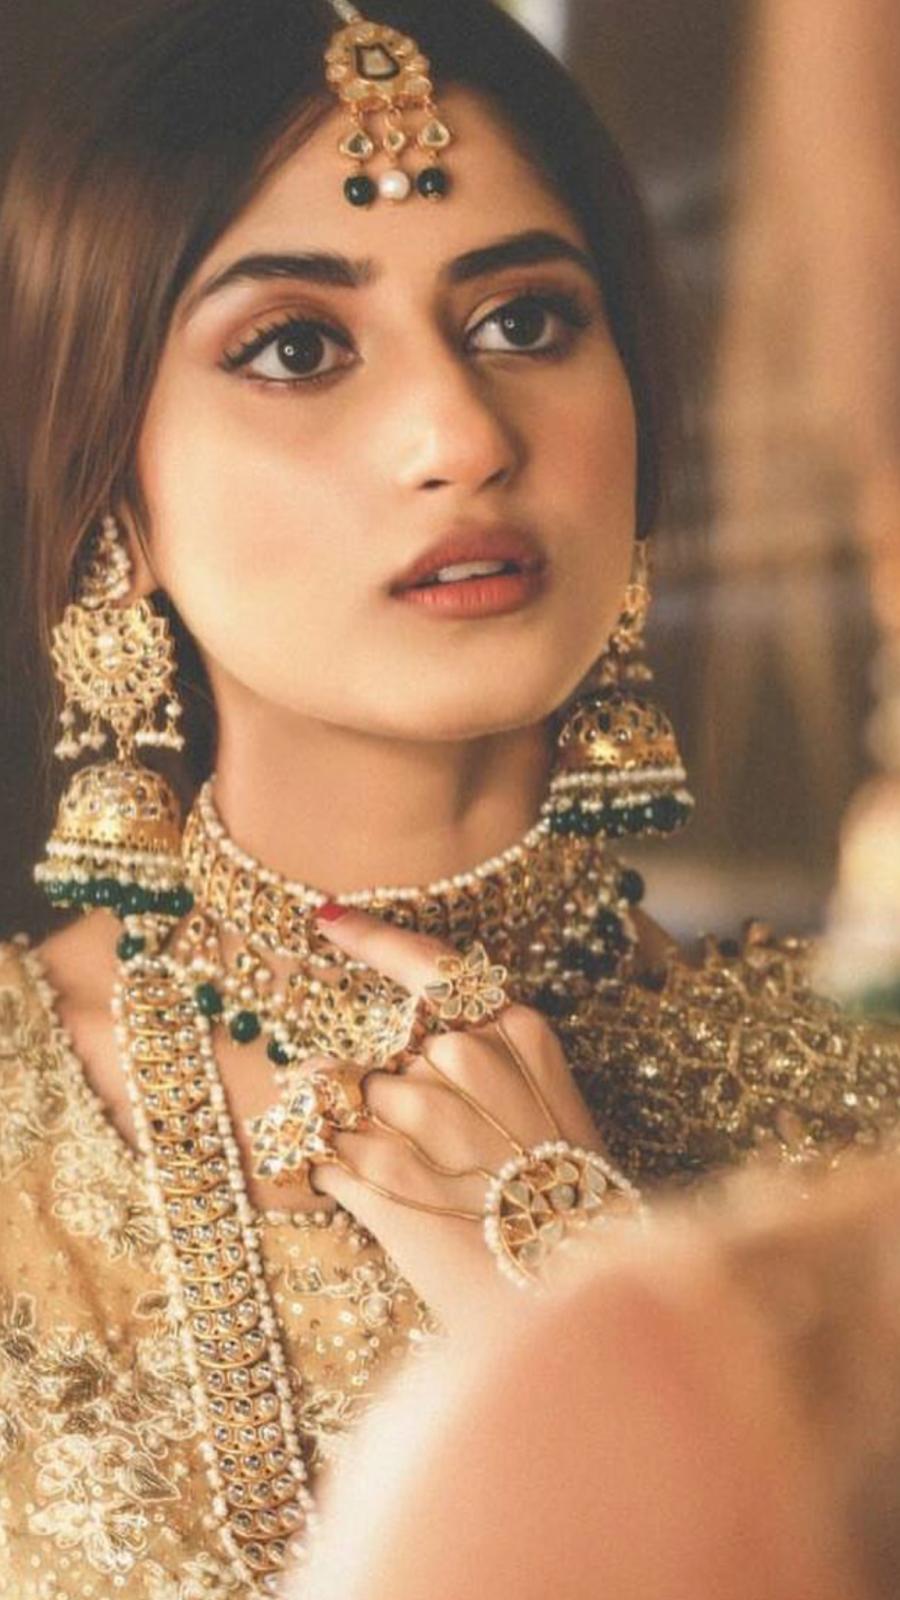 Asian Beautiful Bridal DP